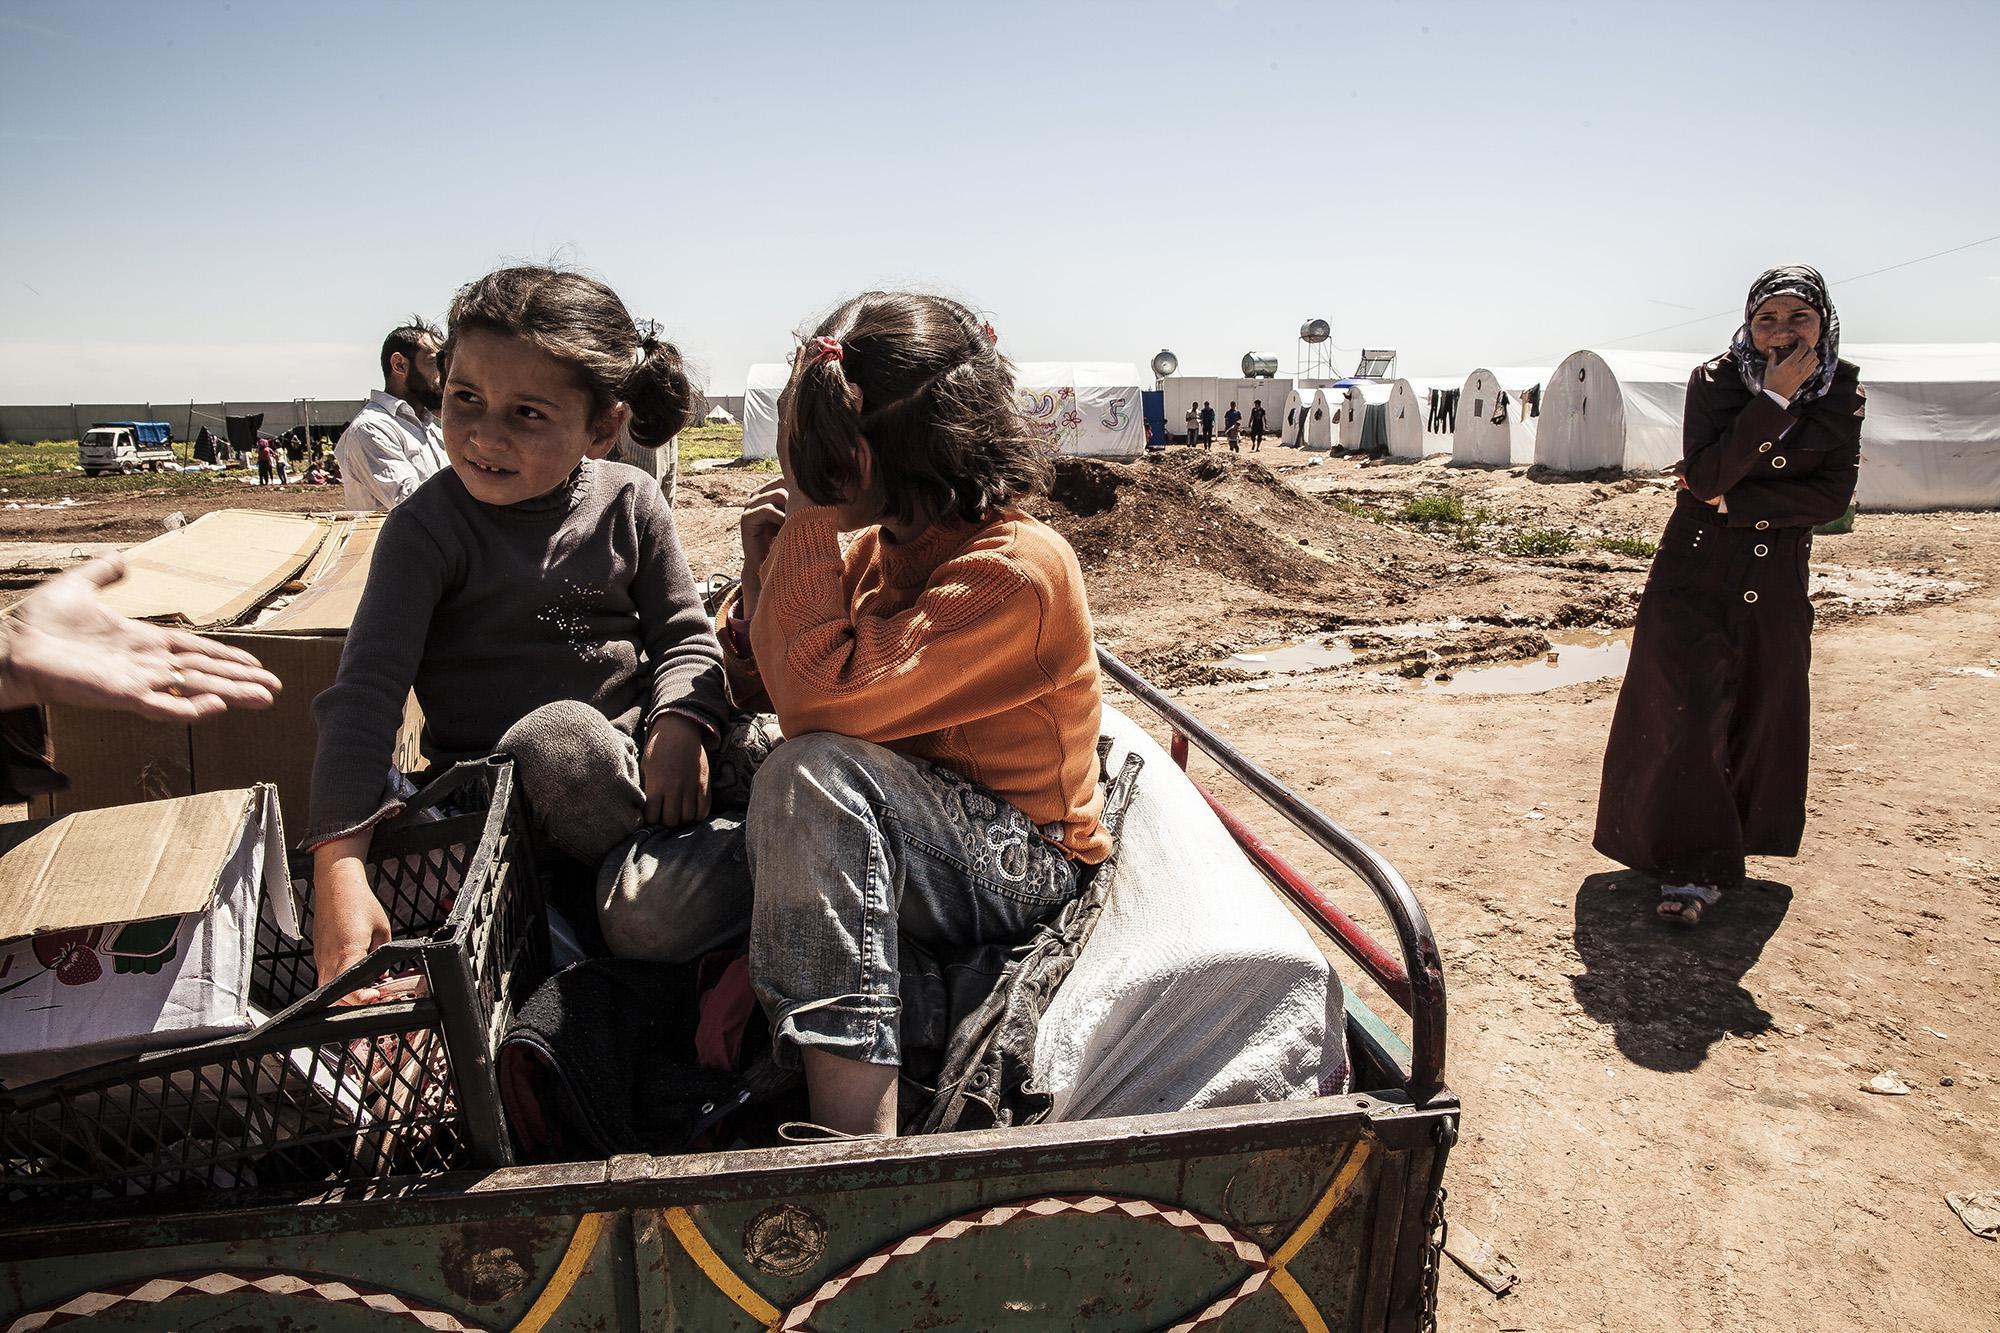 Campo de desplazados sirios cerca de la frontera con Turquía, 24-04-2013. Foto Anna Surinyach